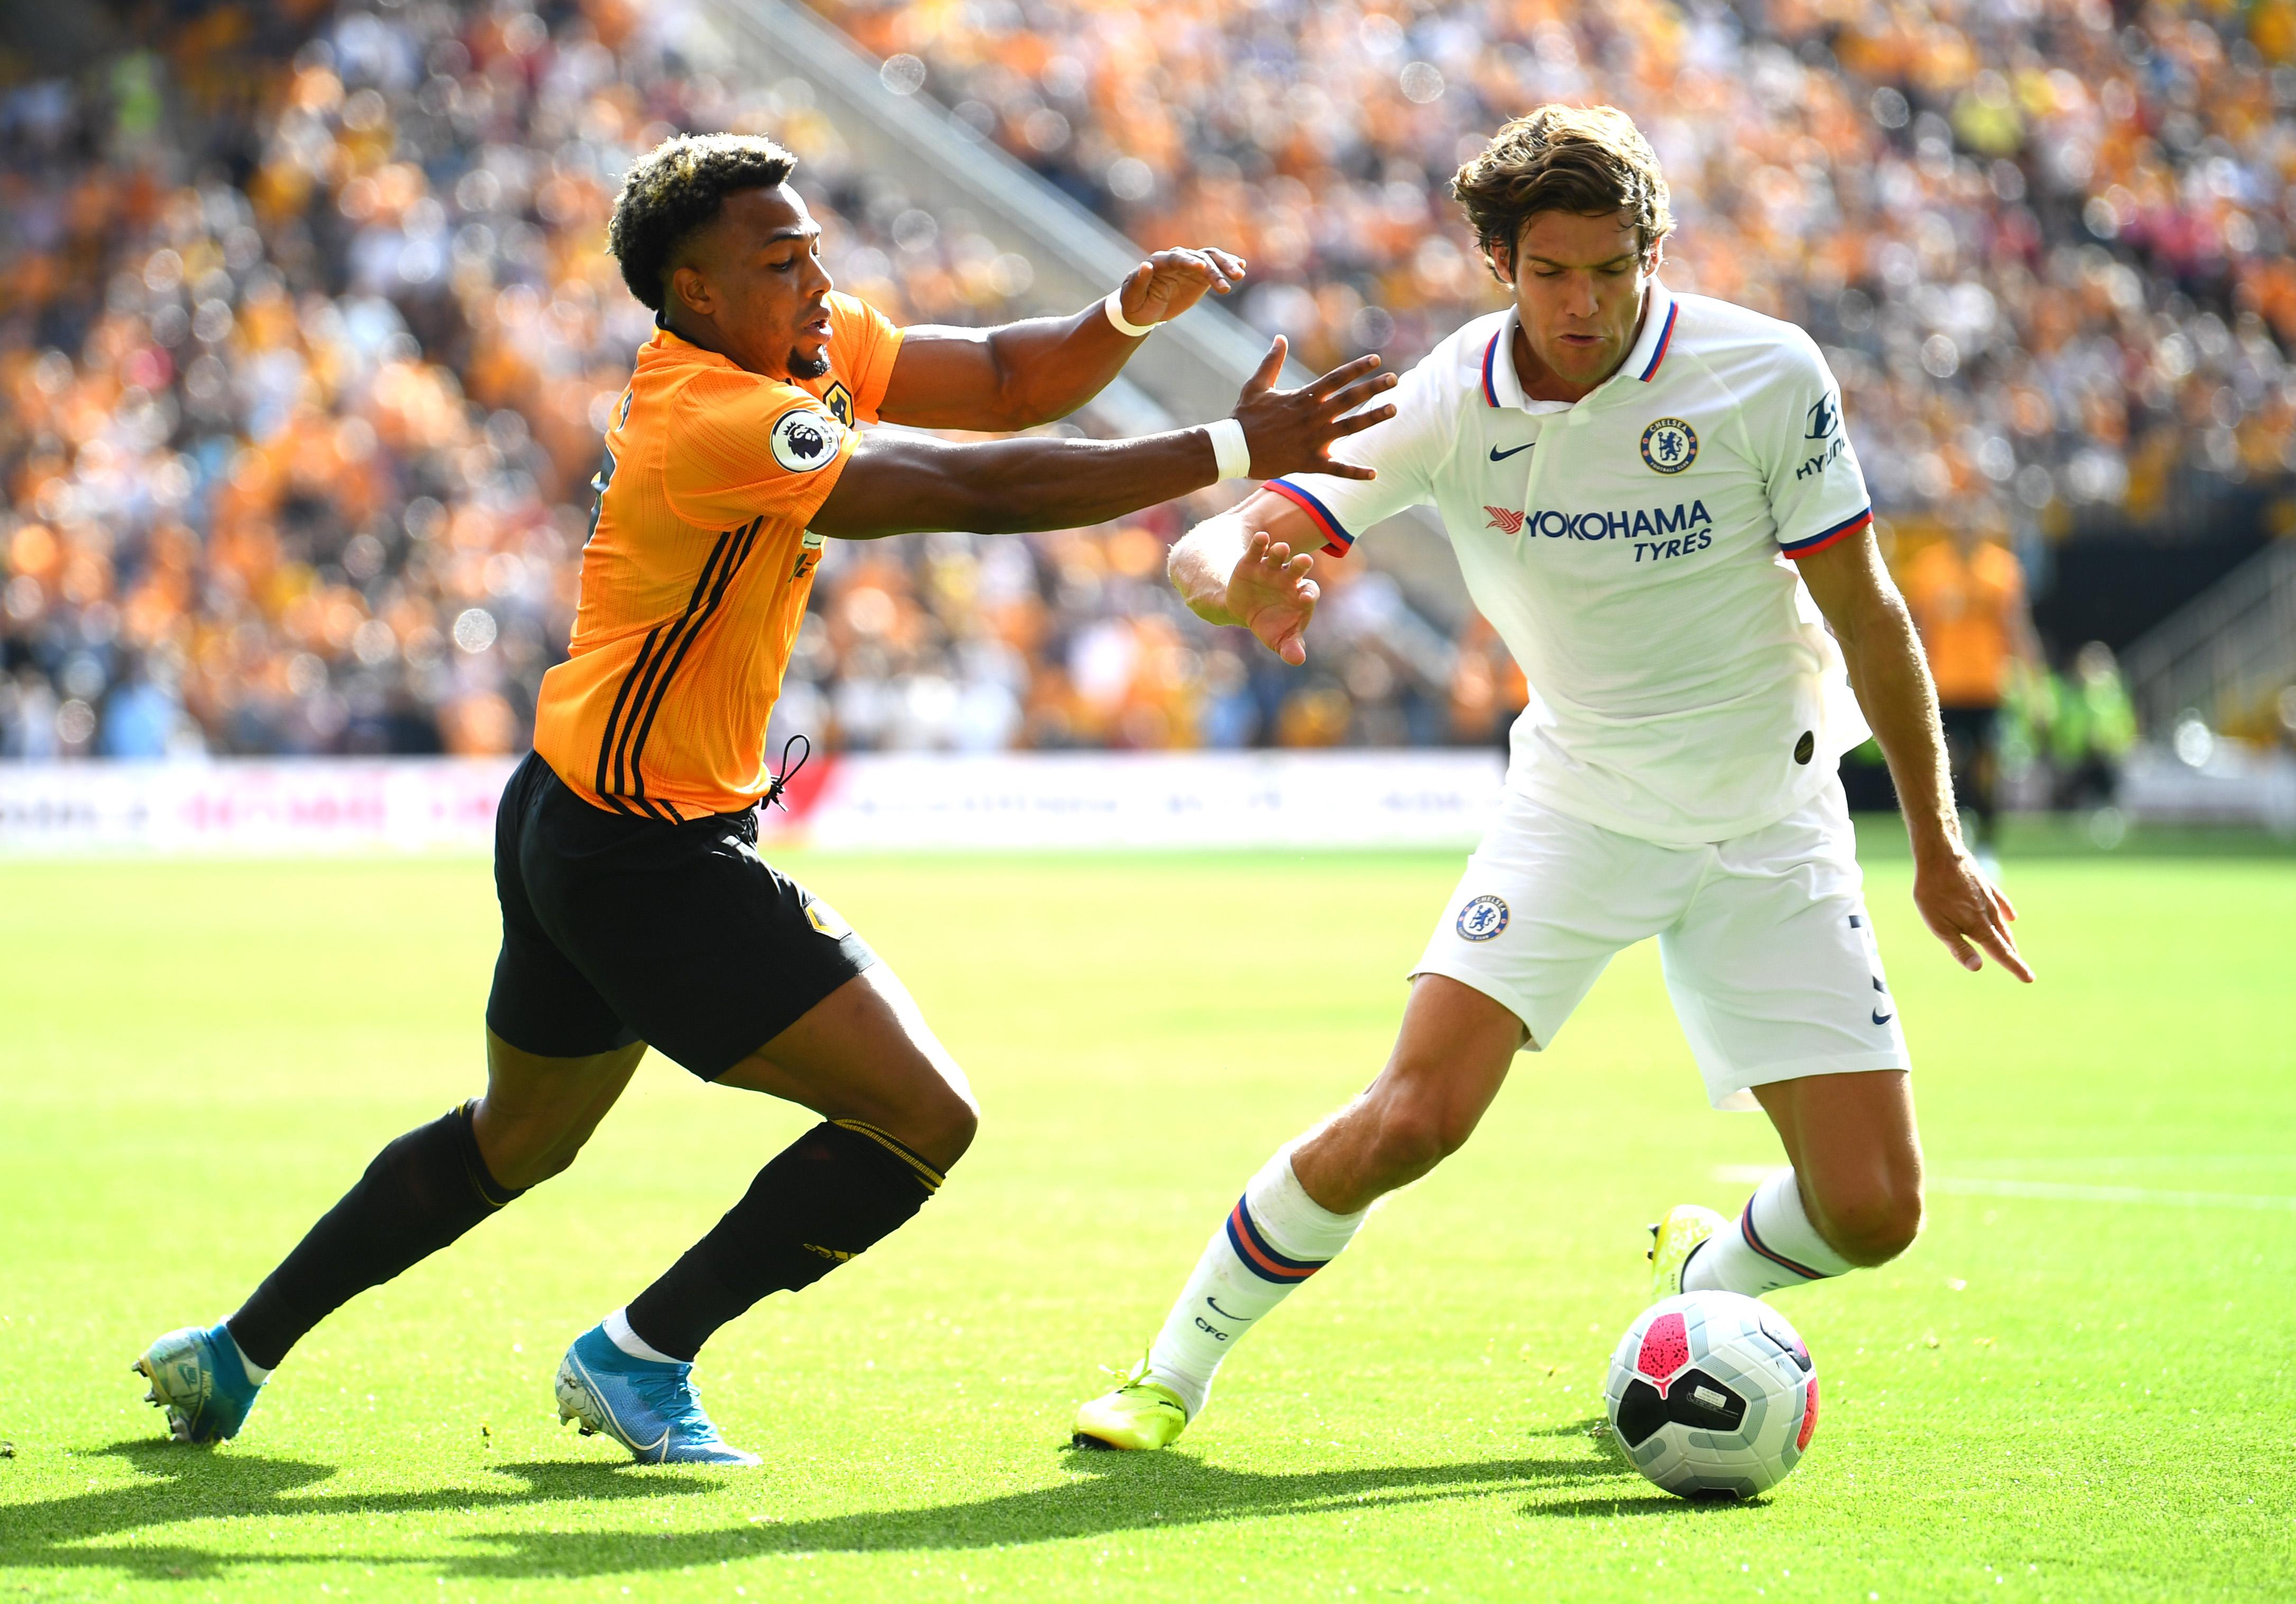 Wolverhampton Wanderers vs. Chelsea, Premier League: Live blog